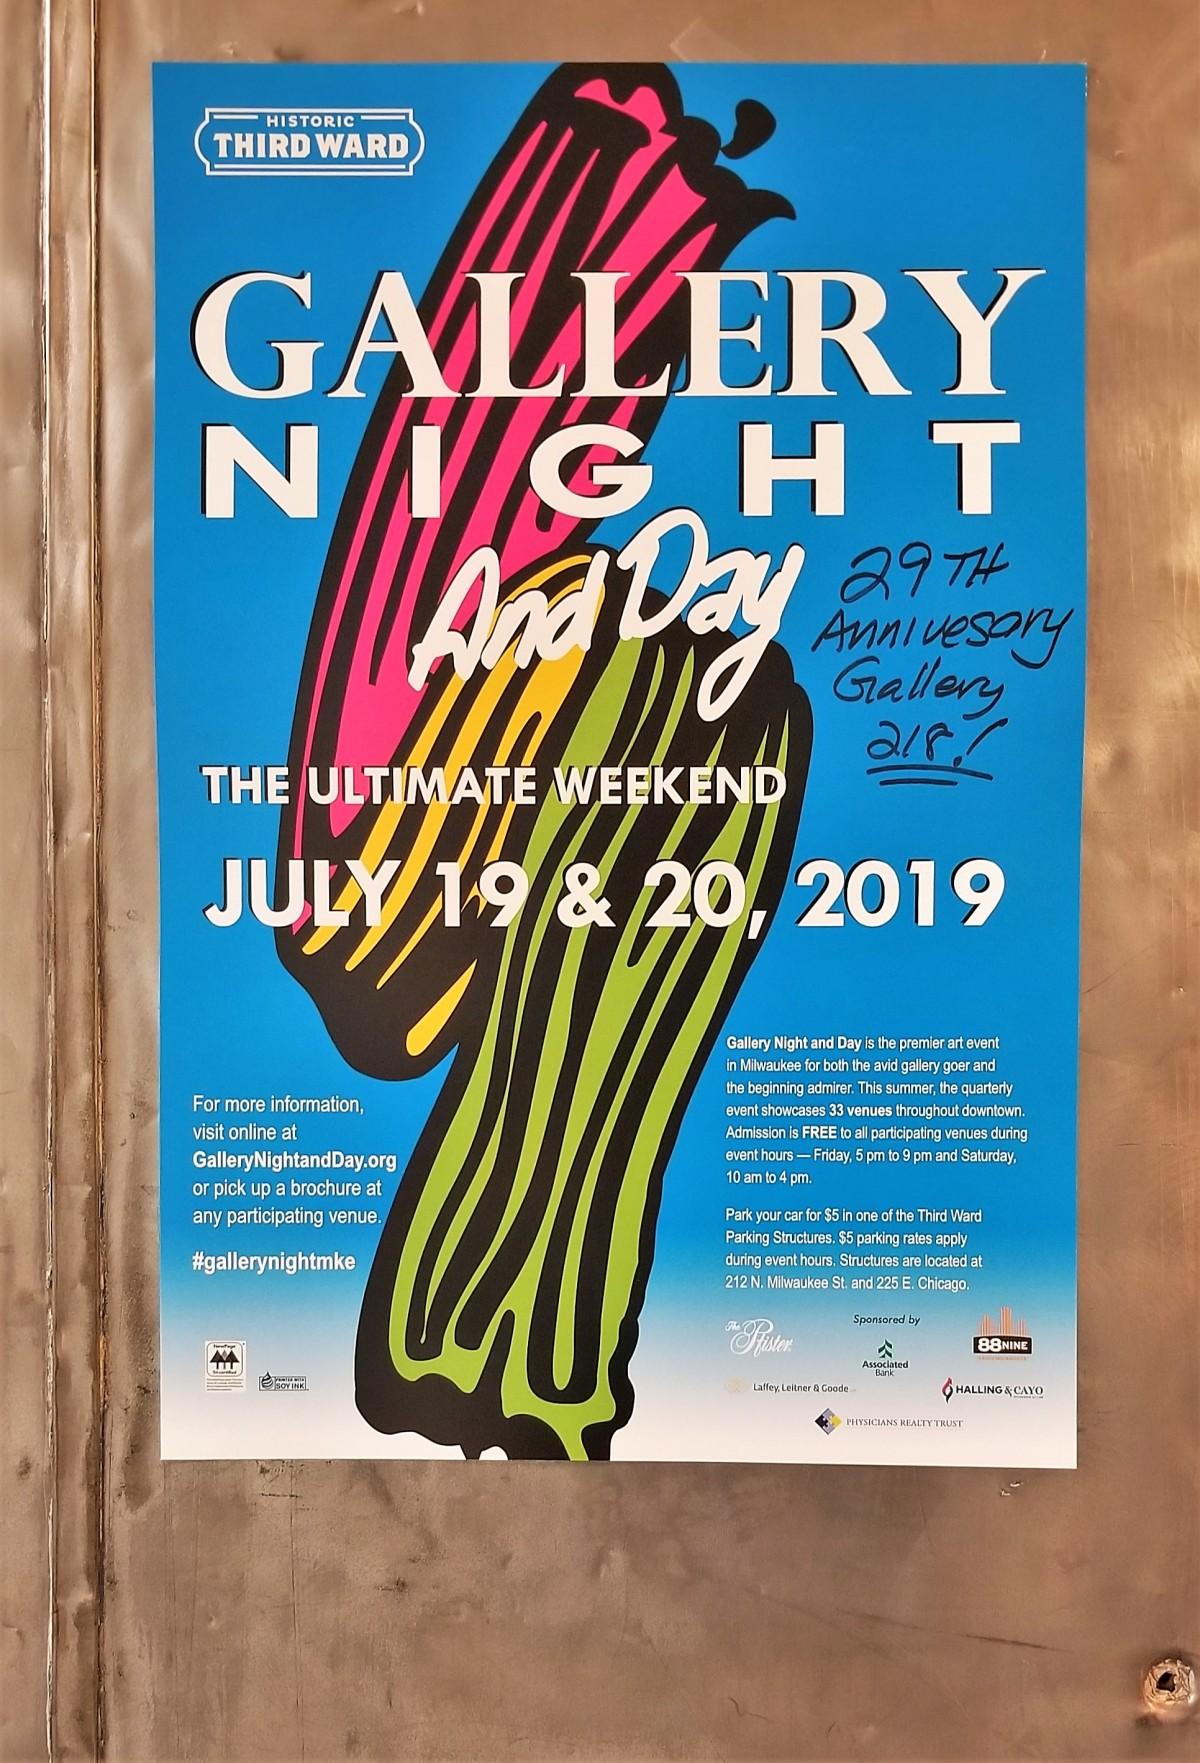 Gallery Night